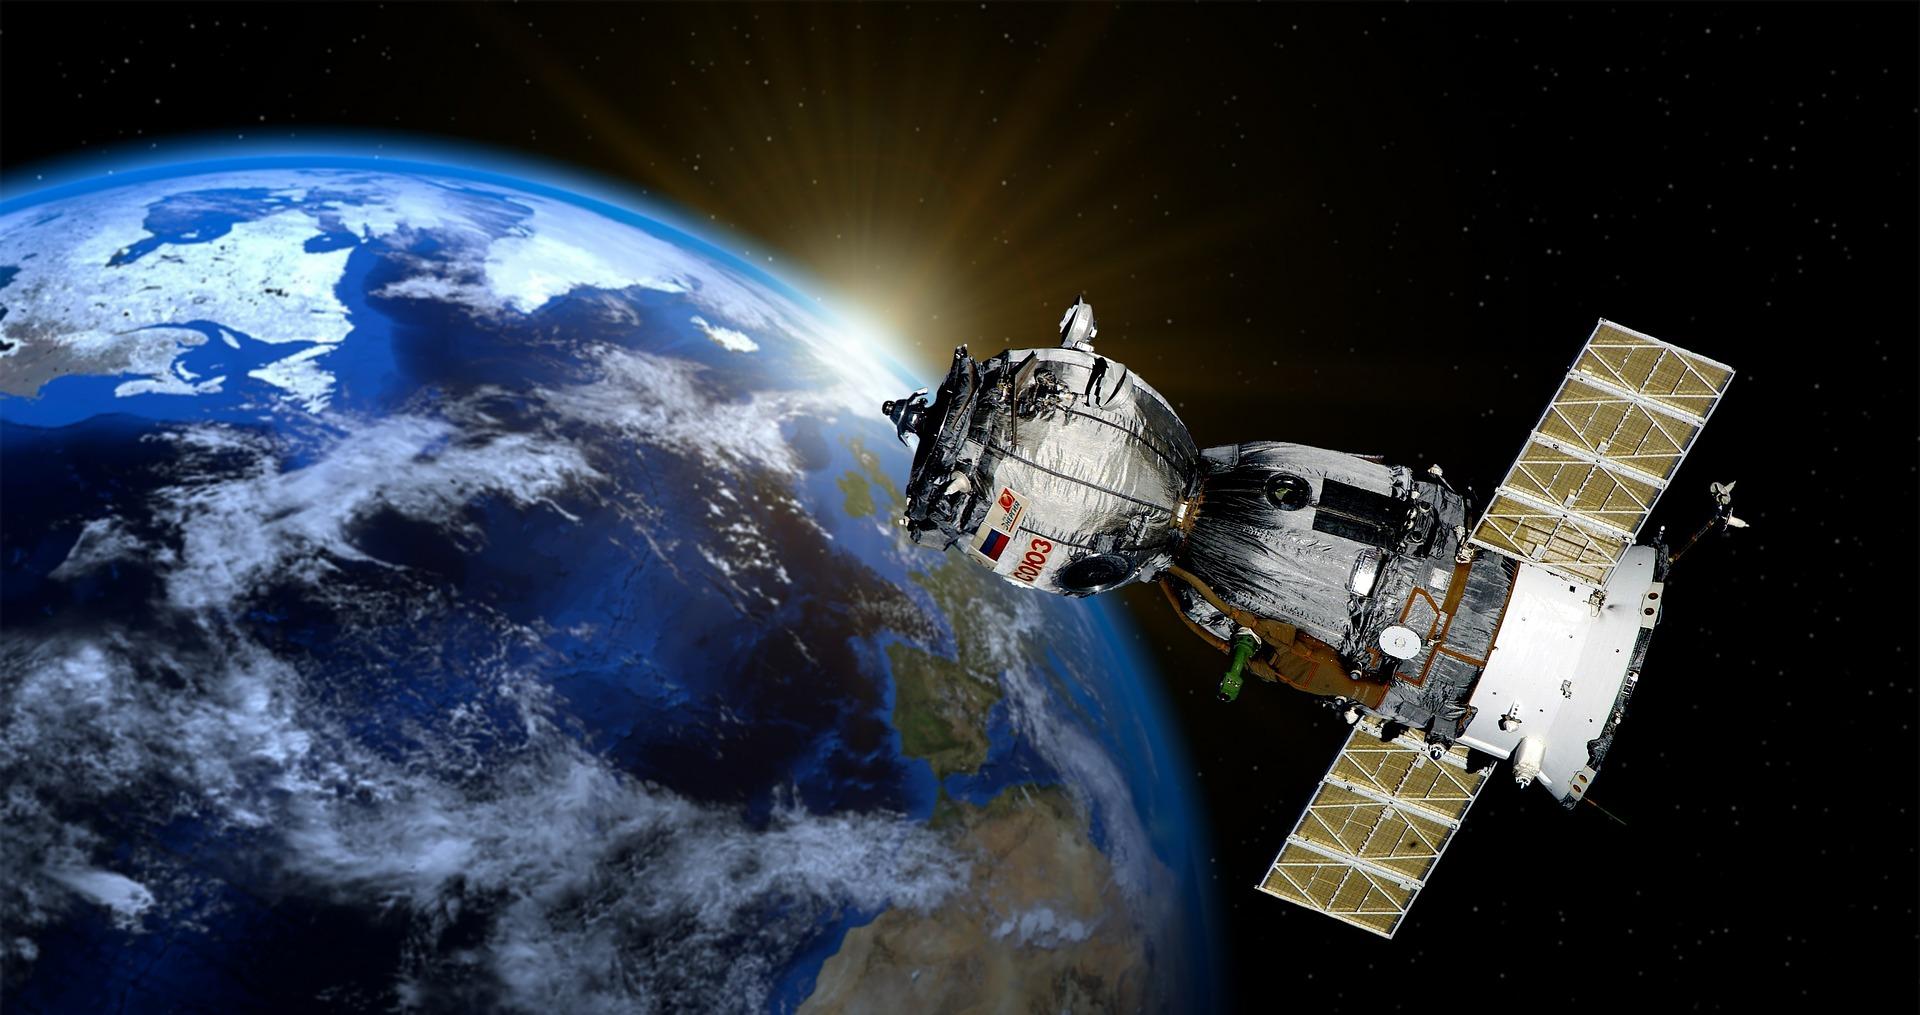 🔥 Телегруппы потратят около $300 тысяч на кодирование спутникового сигнала «Зеонбуда»